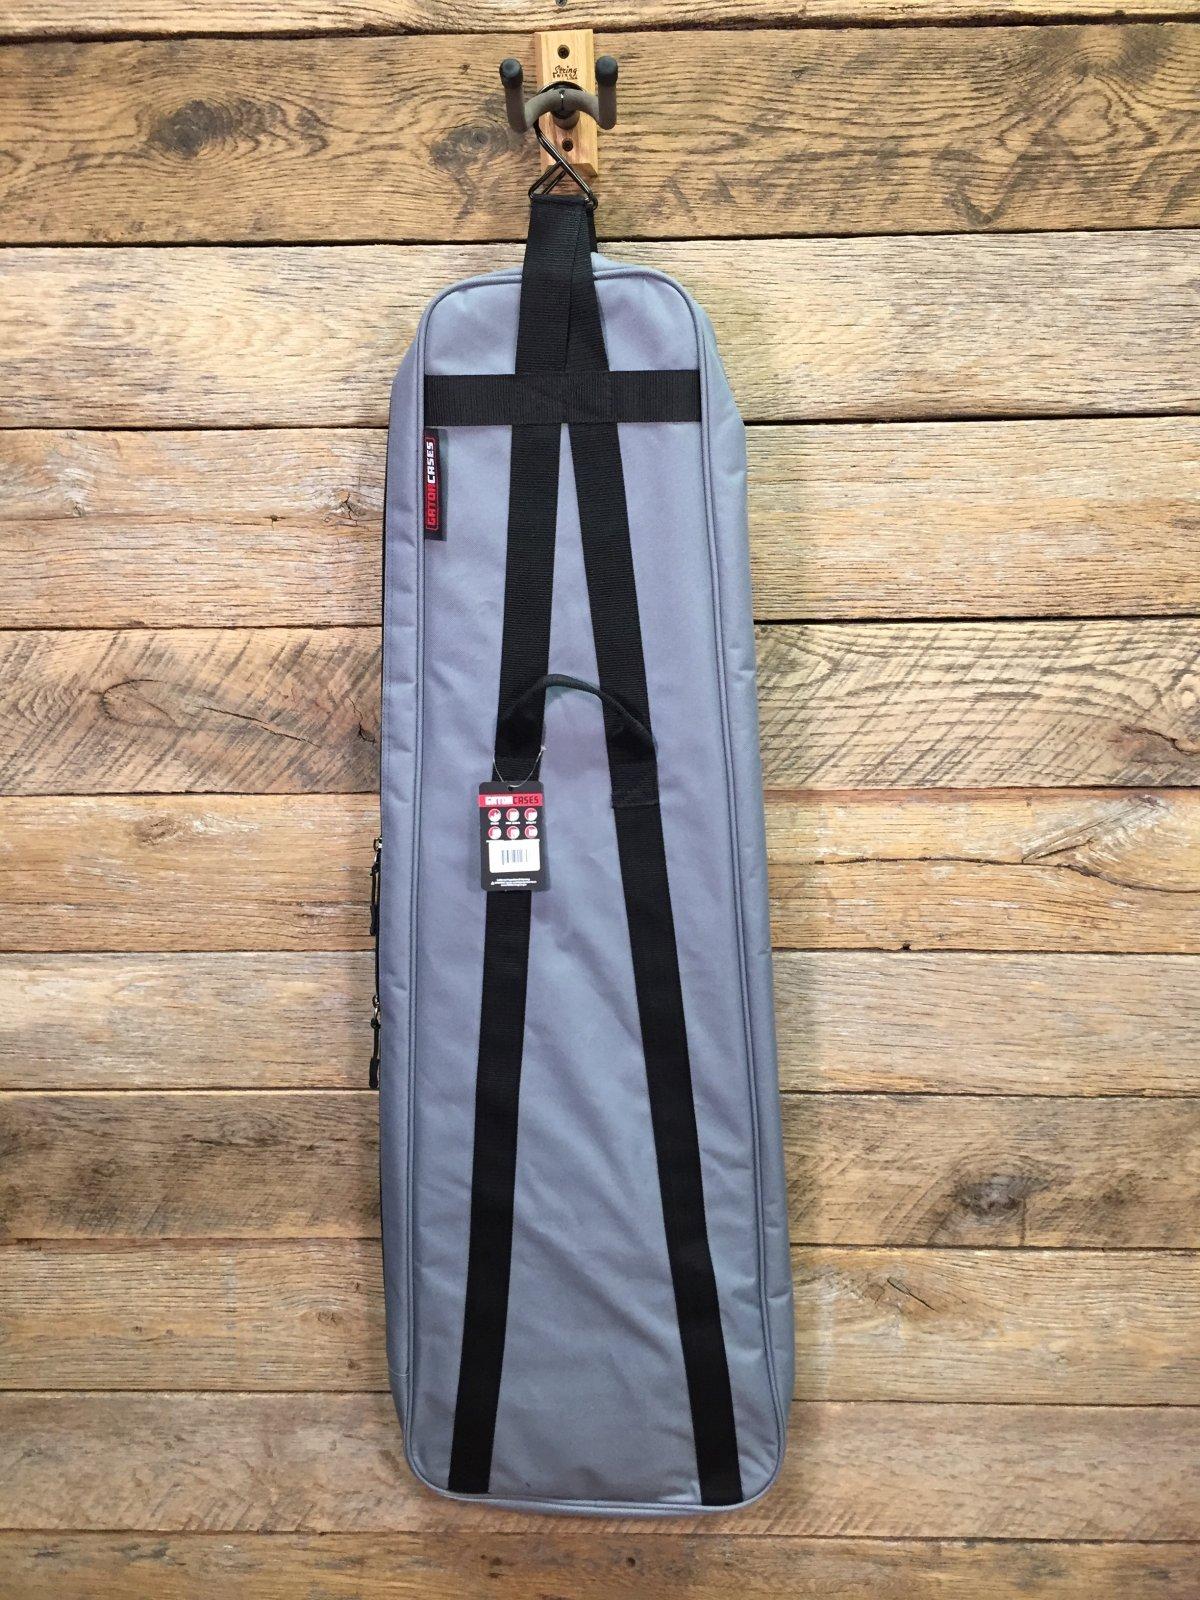 Gator GCB-ELECTRIC Hanging Bag